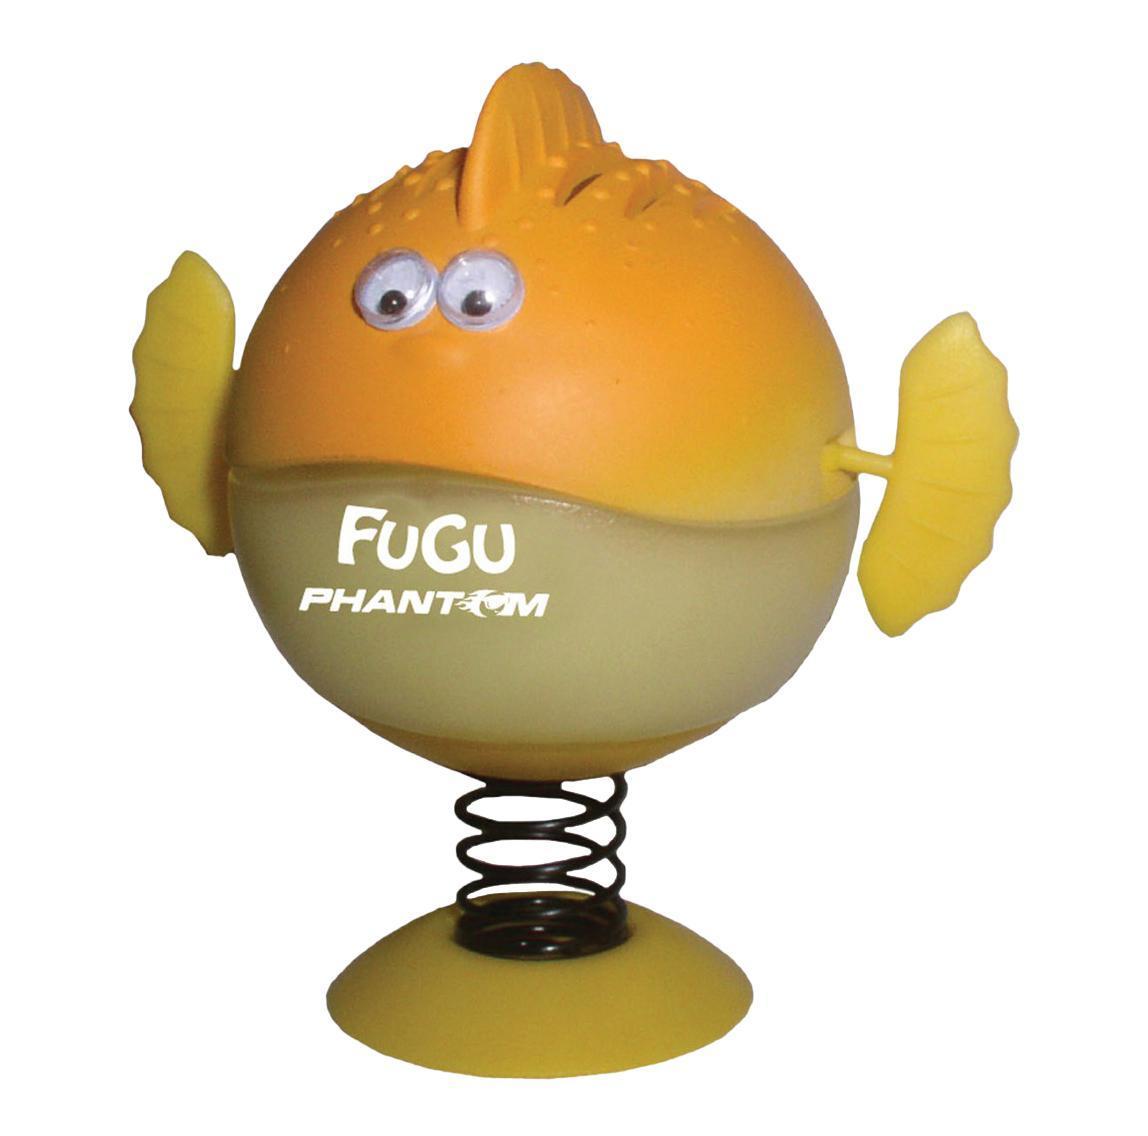 Ароматизатор Fugu Лимон3547Ароматизатор Fugu Лимон выполнен в виде рыбки. Благодаря своей уникальной конструкции (корпус ароматизатора закреплен на основании с помощью пружины), рыбка при движении покачивается из стороны в сторону. Носитель аромата - гелевый картридж - исключает возможность протекания! Обеспечивает длительный и стойкий аромат. Боковые покачивающиеся плавники создадут веселую атмосферу для Вашей поездки! Характеристики: Материал: искусственная кожа, отдушка, полипропилен. Диаметр рыбы: 5 см. Ароматизатор: гелевый картридж. Размер упаковки: 7,5 см х 6,5 см х 9 см. Производитель: США.